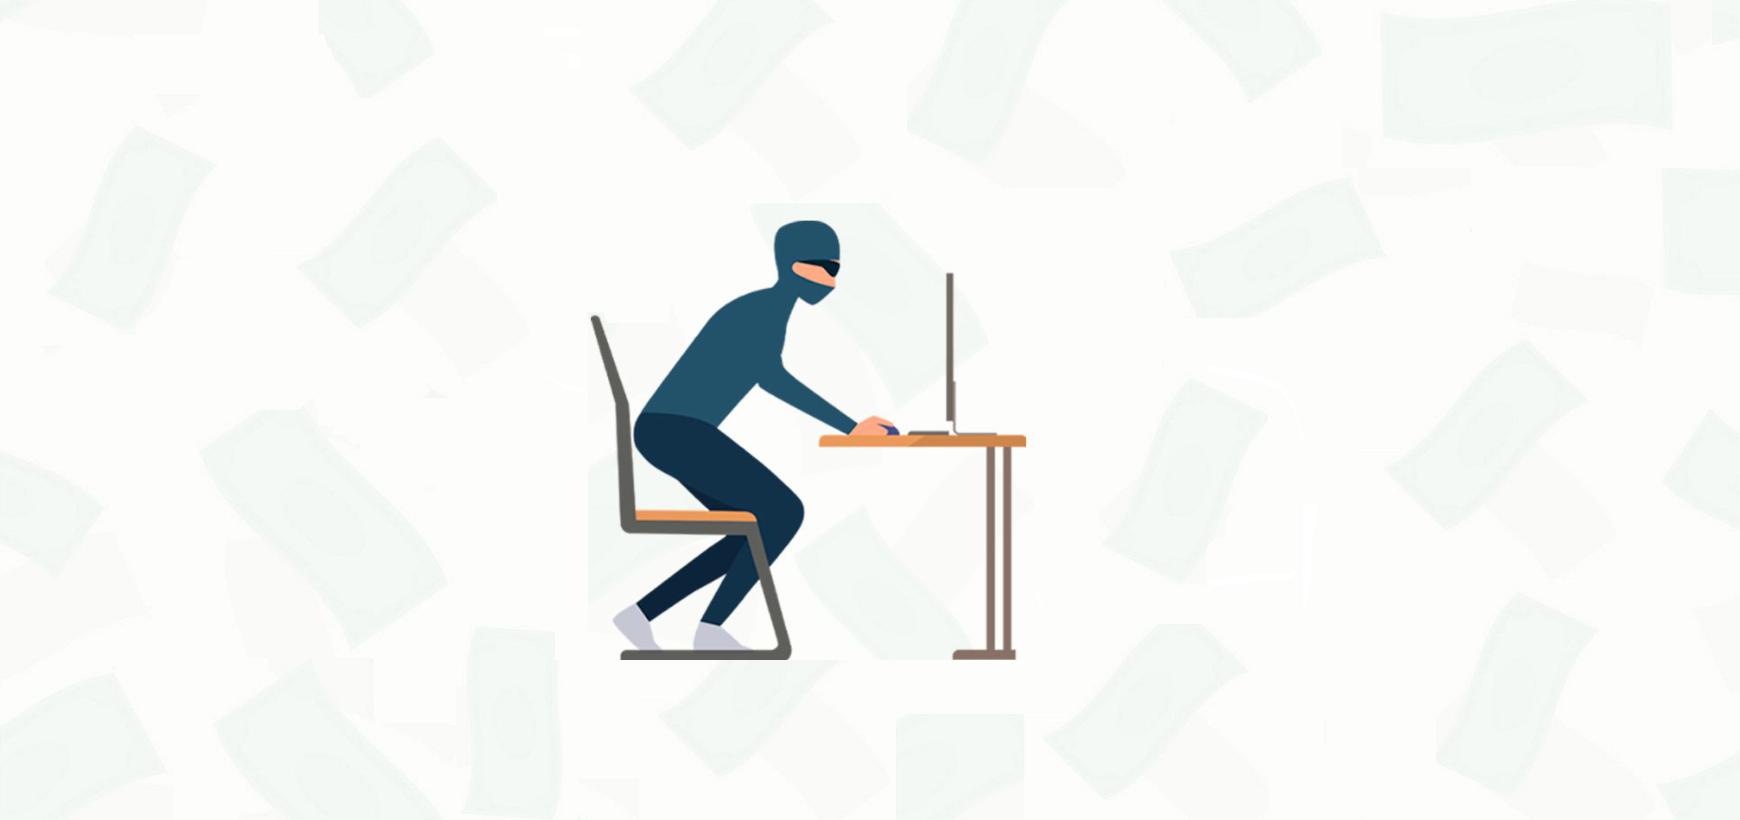 МФО проводят проверки по факту обнаружения утечки большого объема  персональных данных клиентов